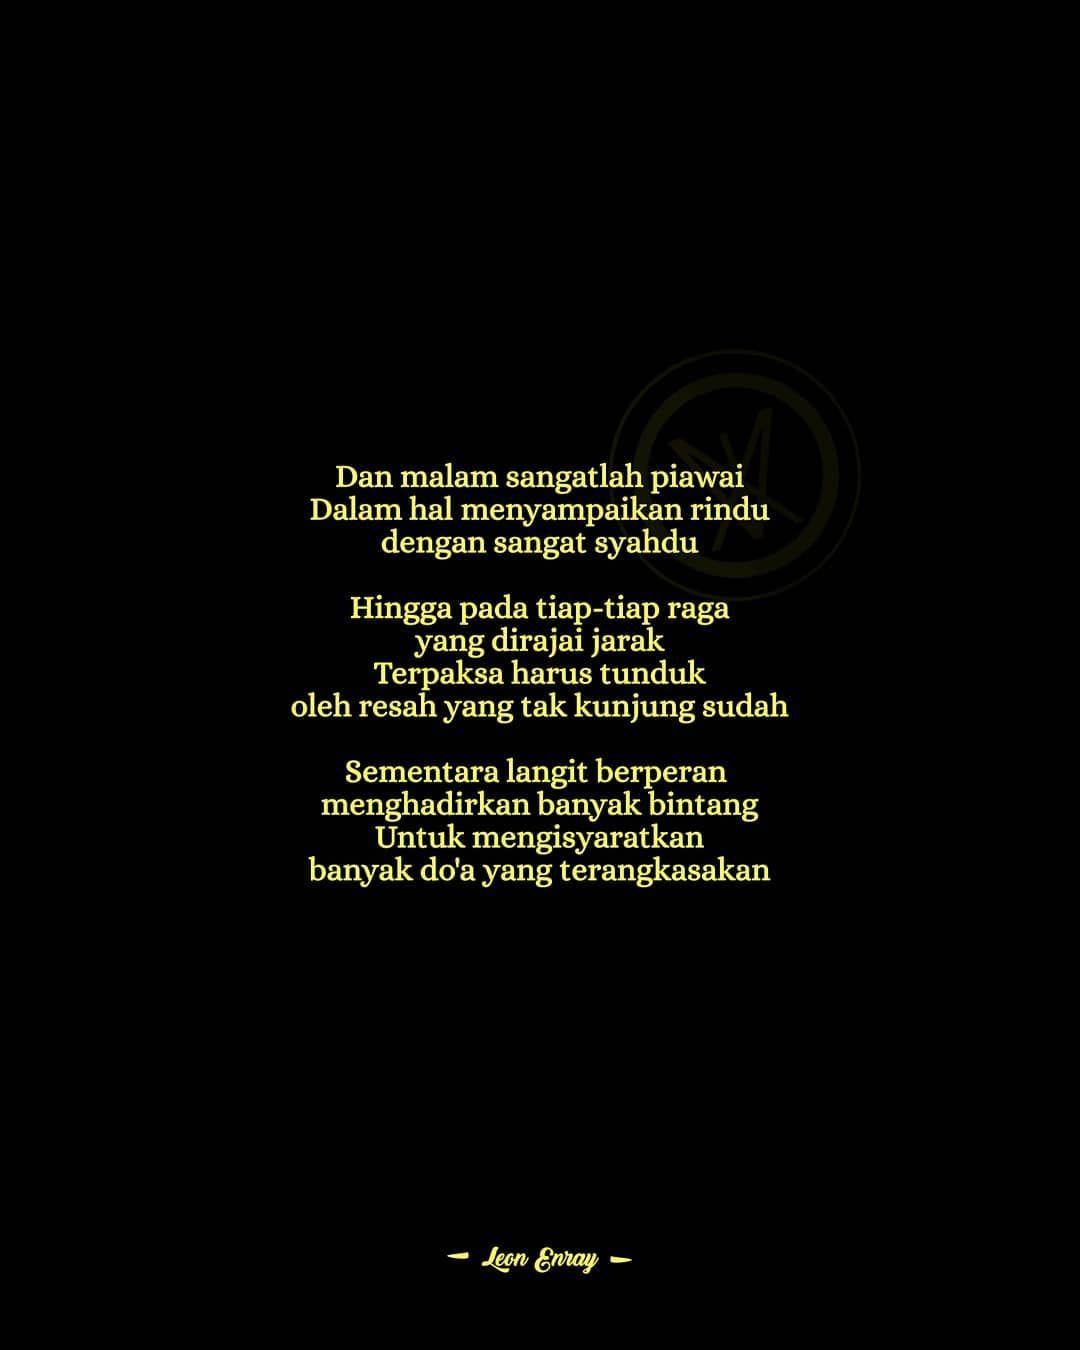 Berpuisi Dimalam Sunyi Eontologi Enray610 Literasi Sajak Tulisan